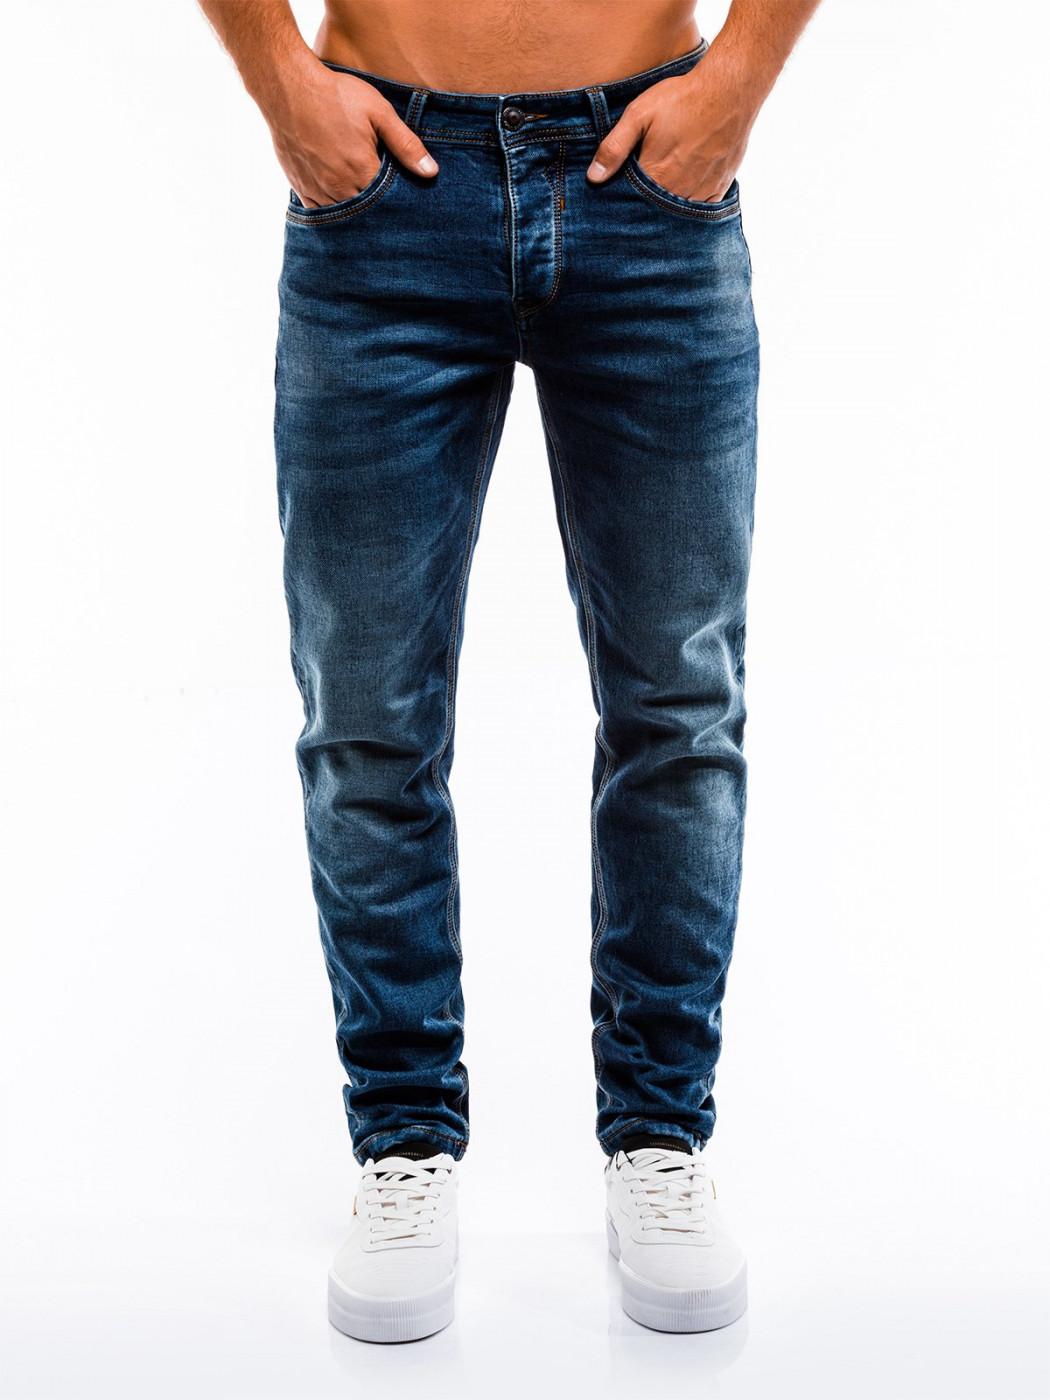 Ombre Clothing Men's jeans P864